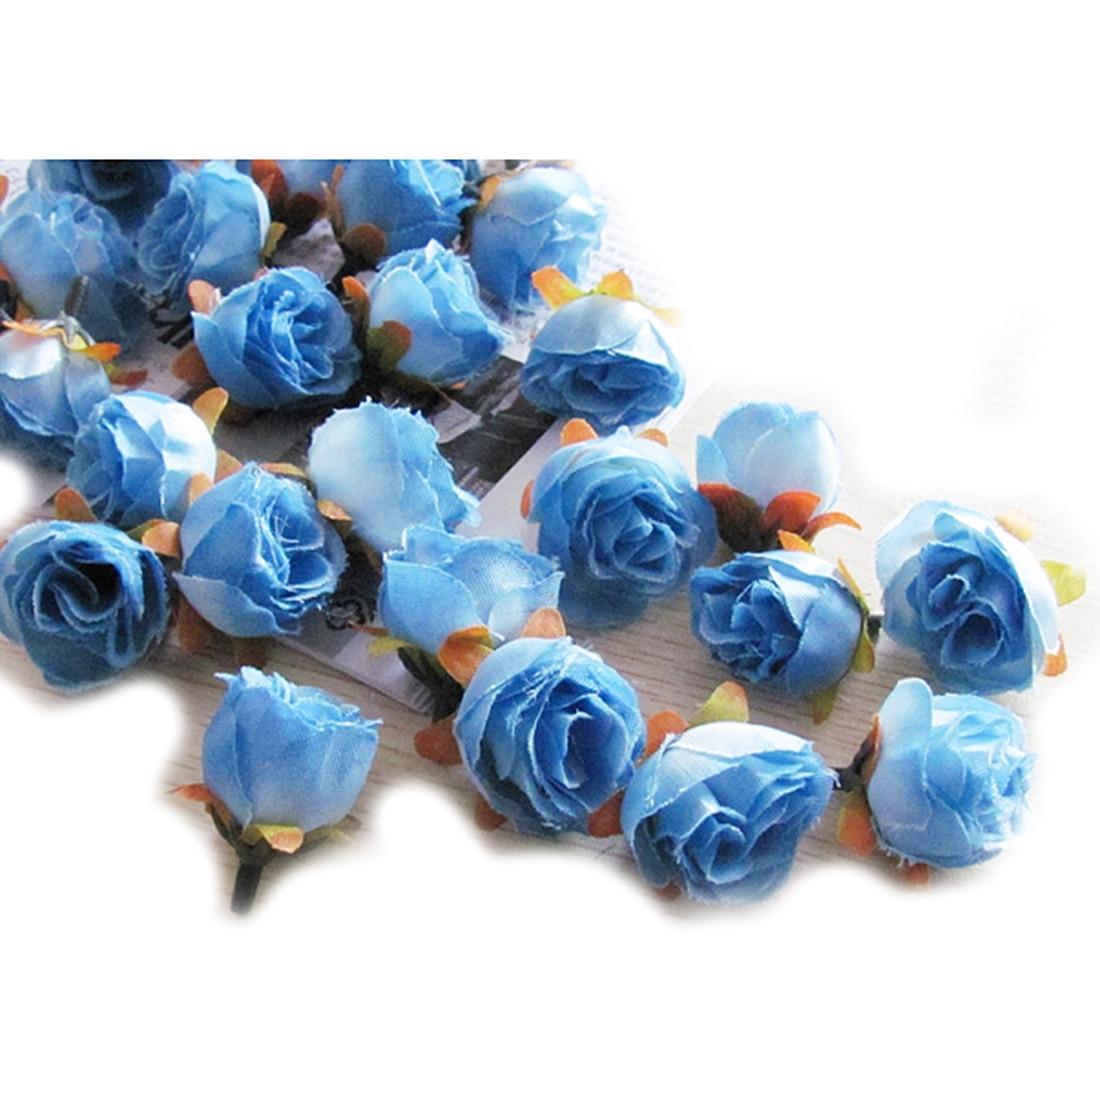 100pcs Multi Color Small Tea Rose Diy Silk Flowers Artificial